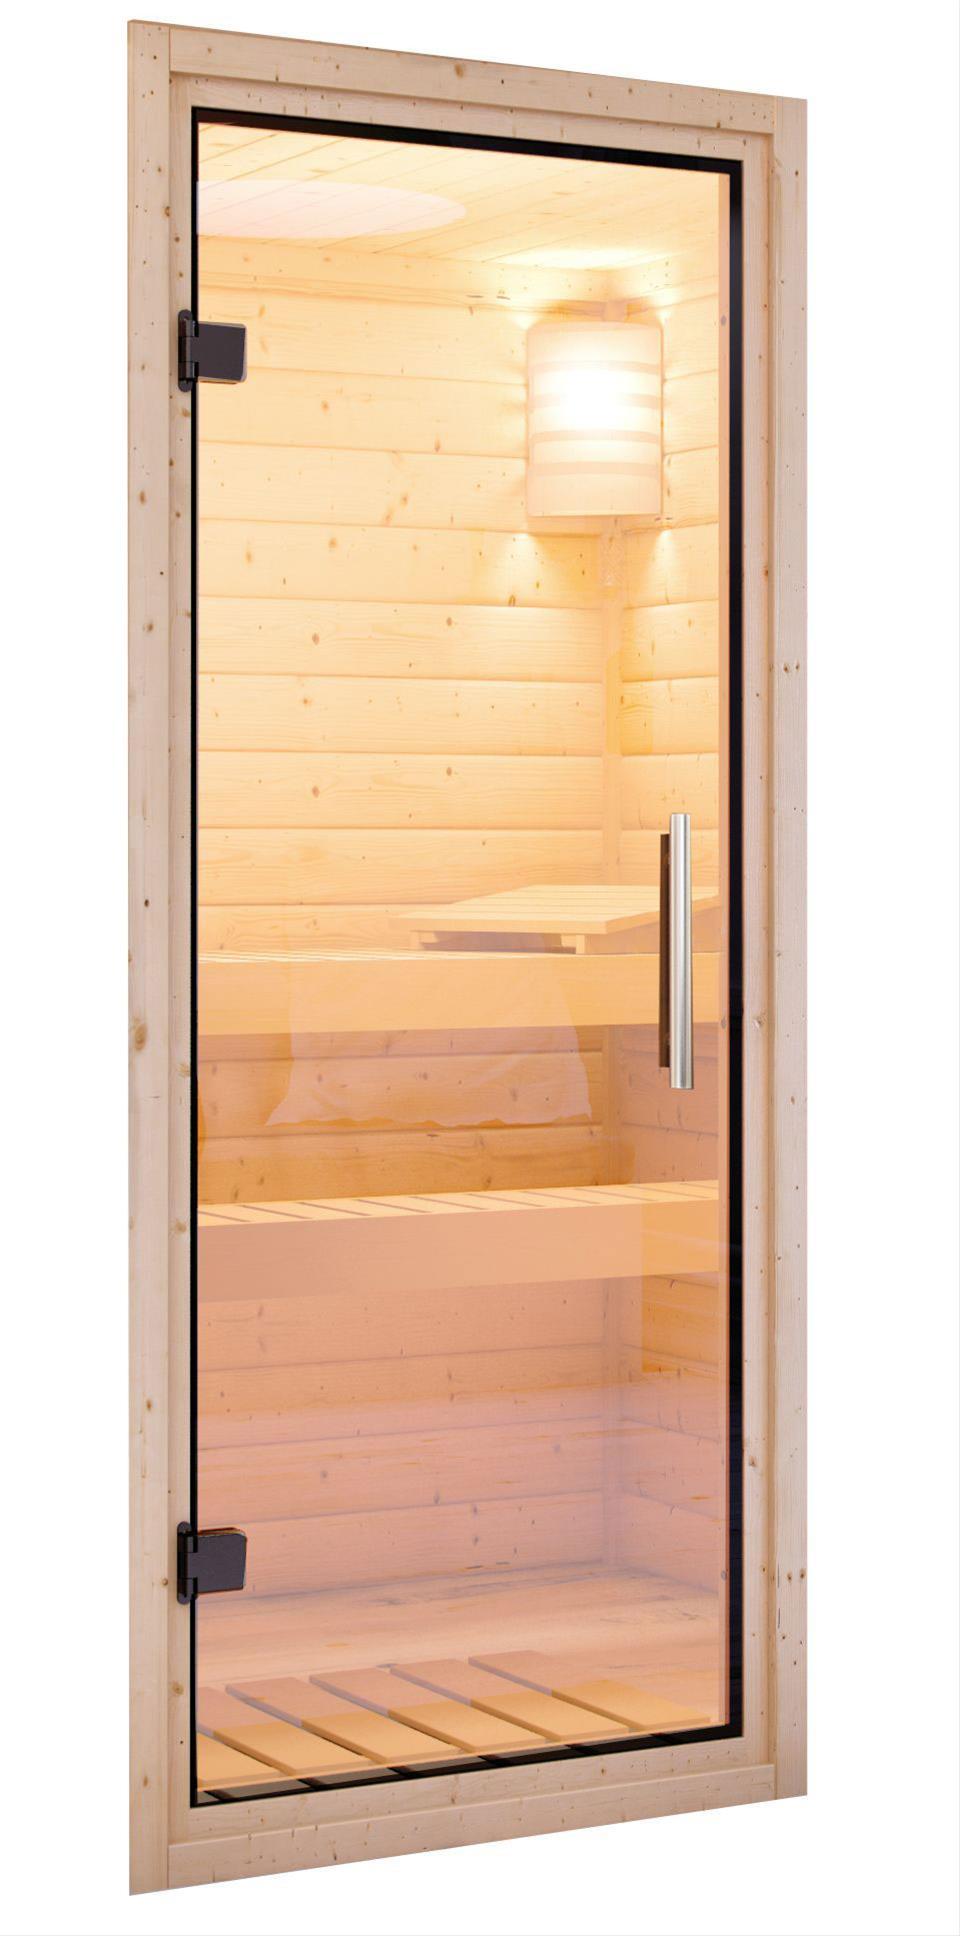 WoodFeeling Sauna Anja 38mm Saunaofen 9kW intern Kranz Klarglas Tür Bild 6